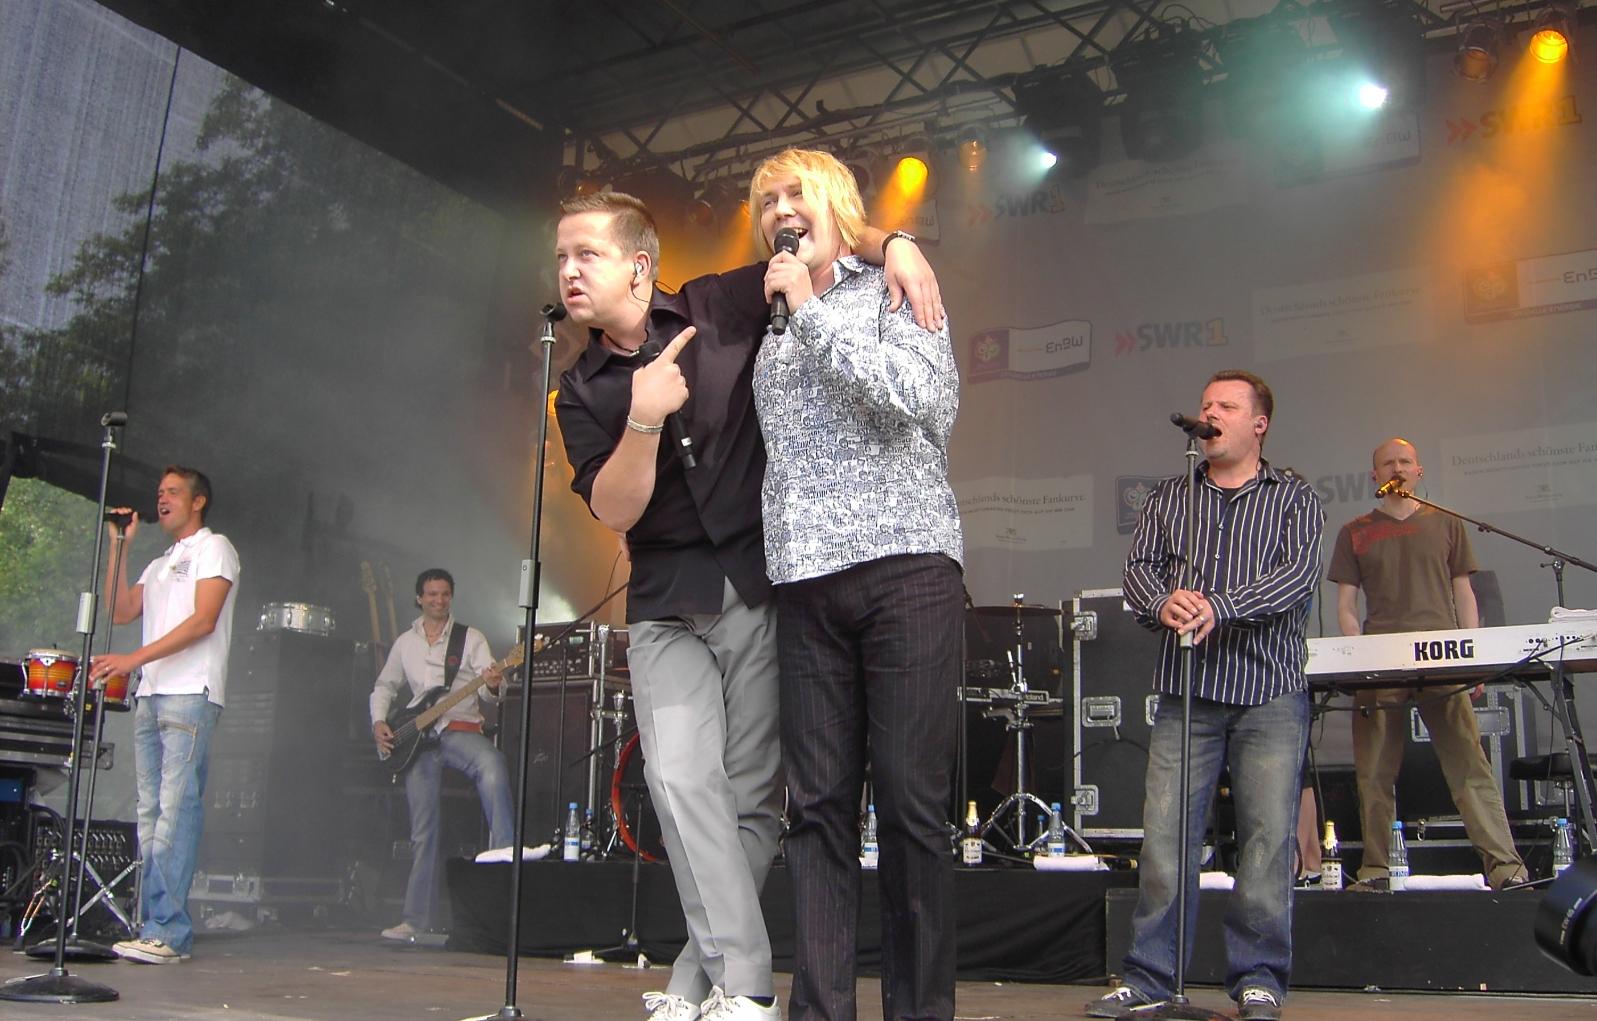 Die Prinzen in concert